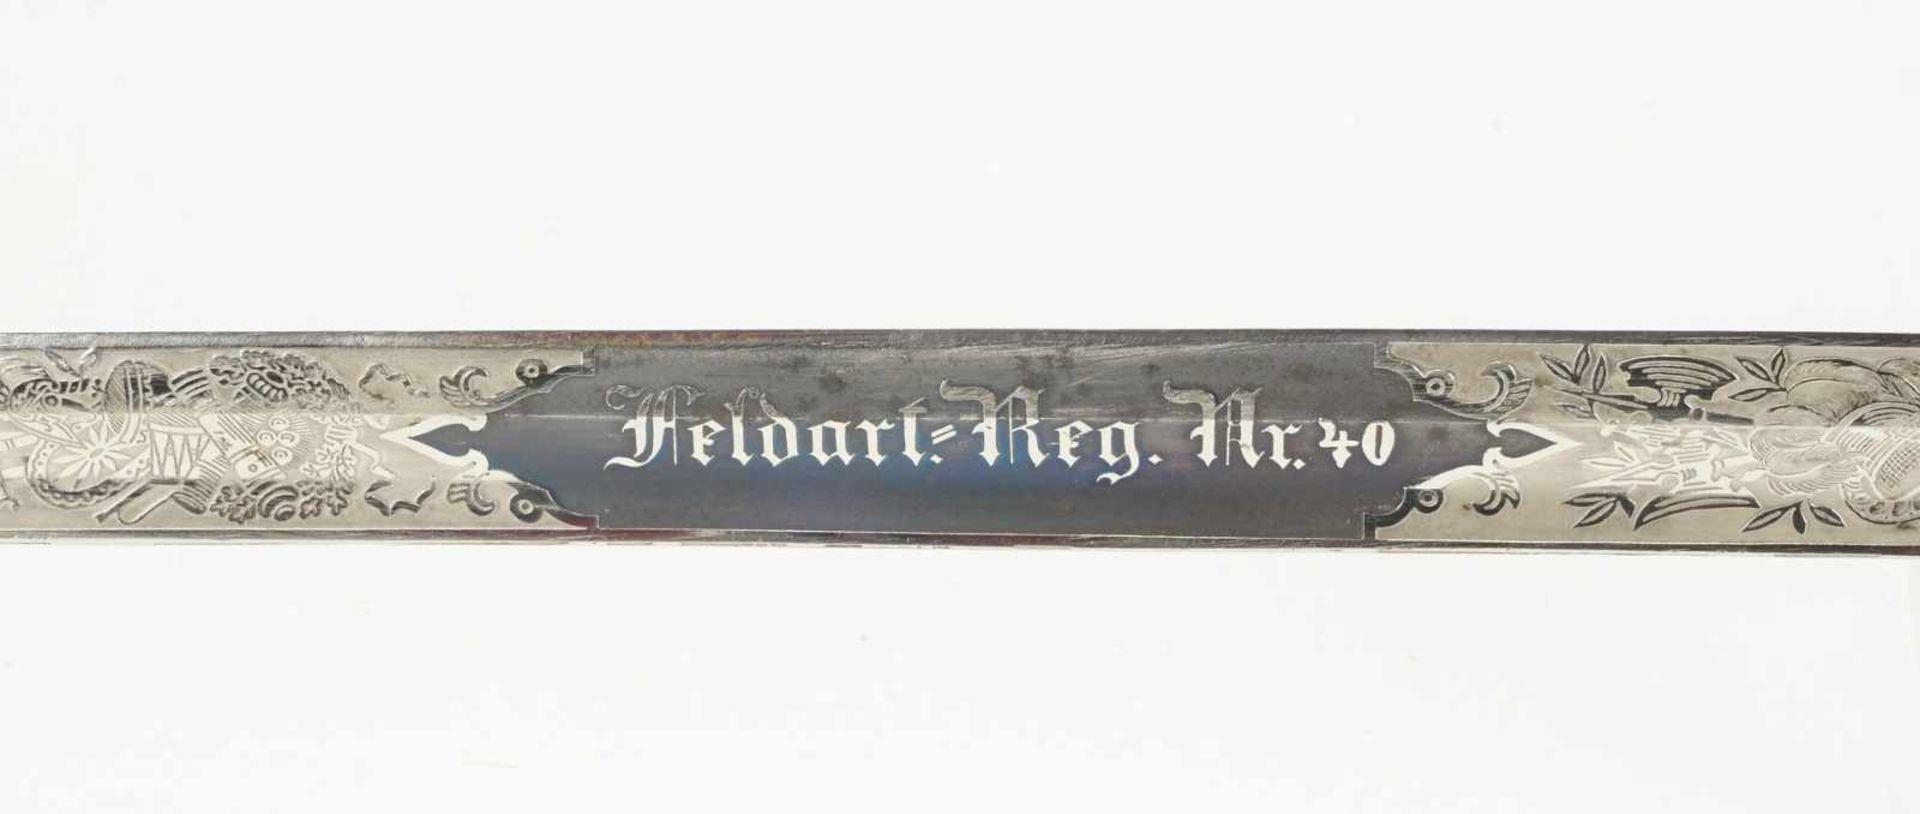 Artilleriesäbel, um 1900 - Bild 3 aus 4